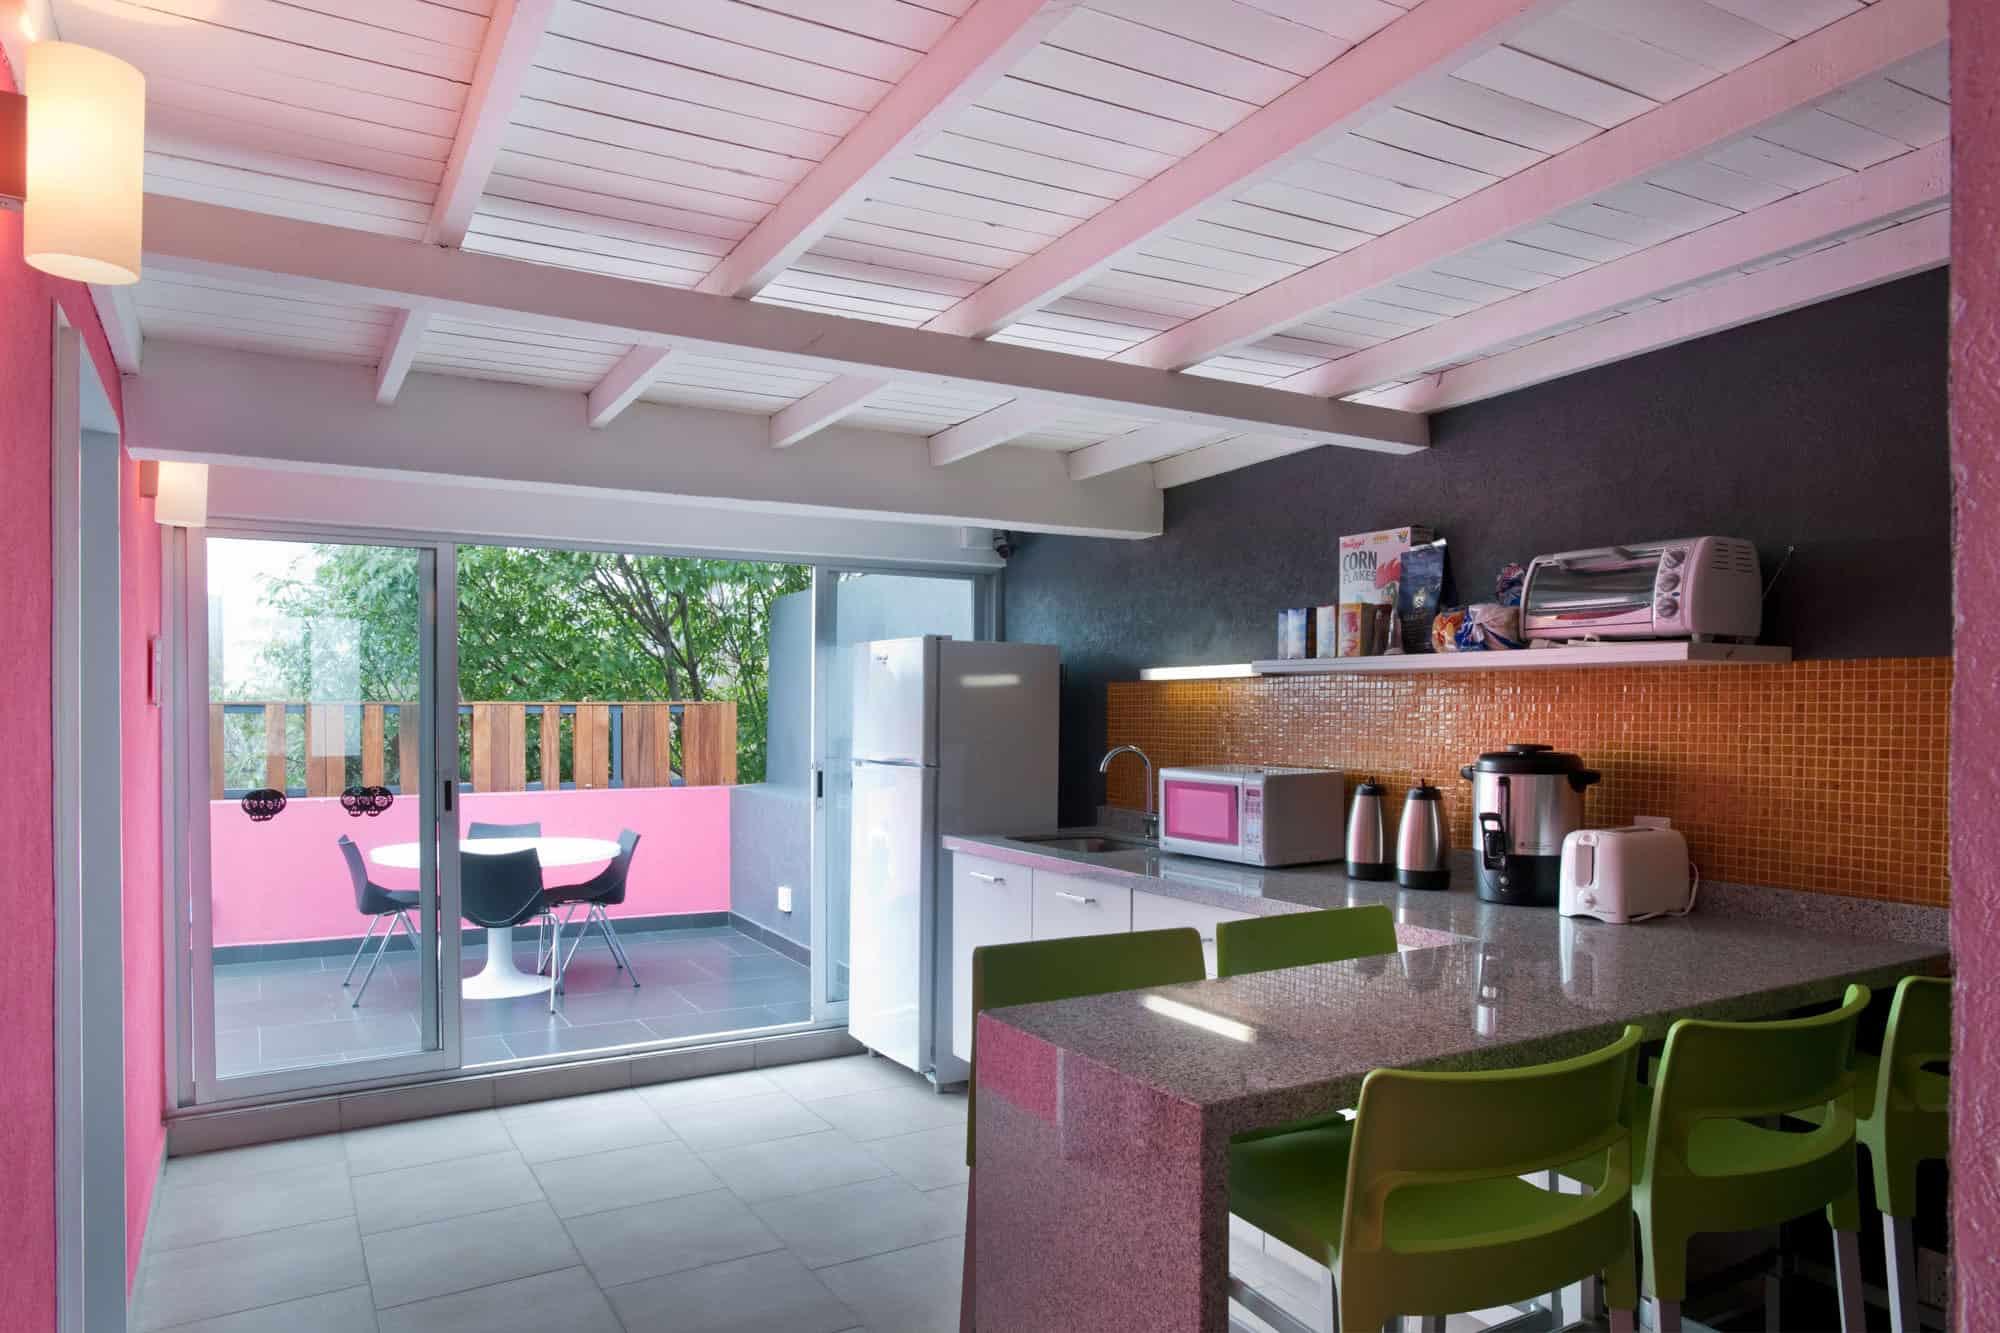 Hostal La Buena Vida by ARCO Arquitectura Contemporánea (9)